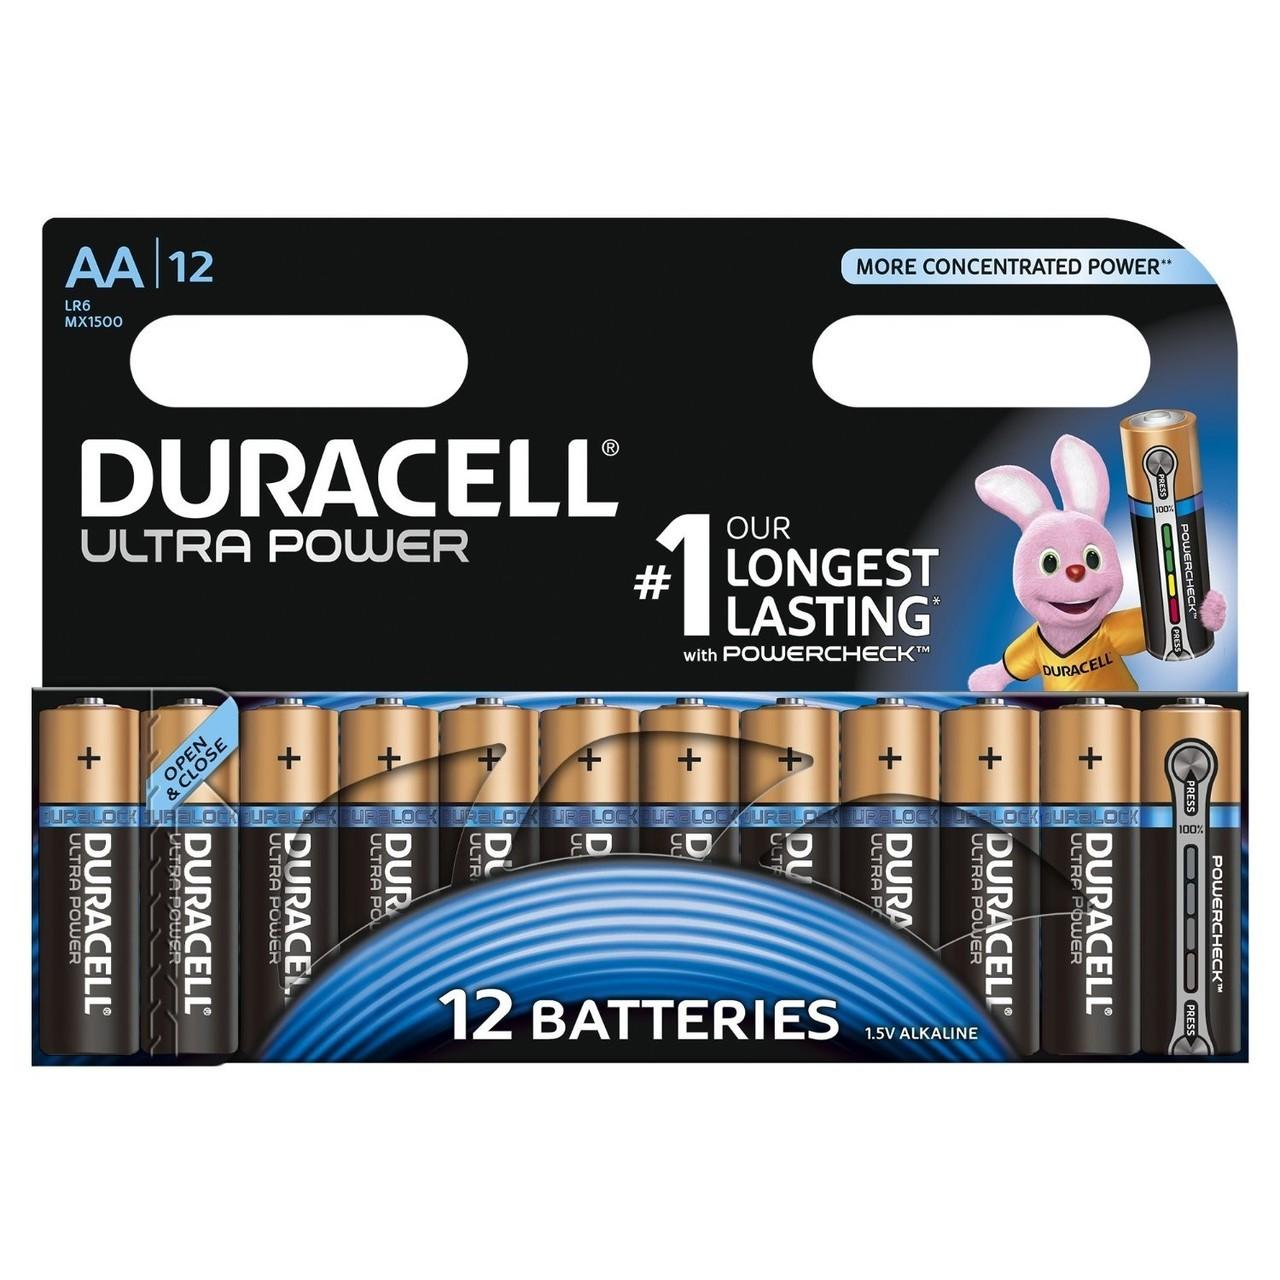 DURACELL ULTRA POWER AA (x12)